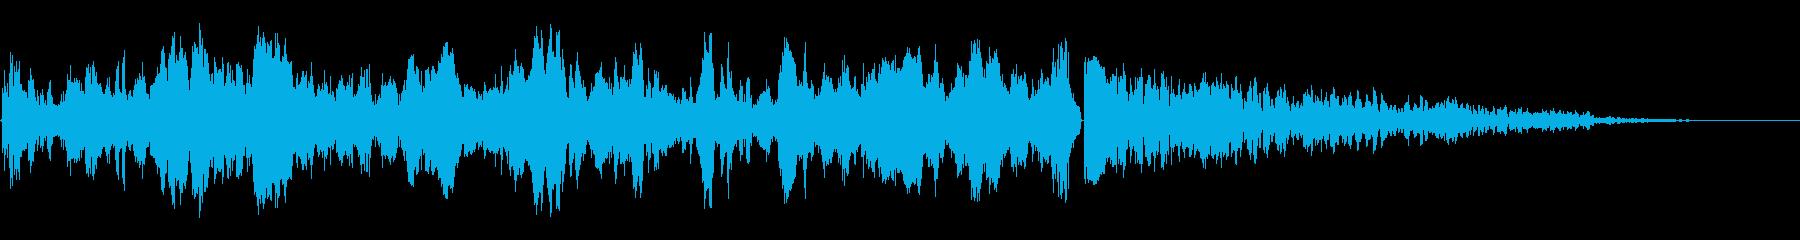 カウントダウンスイープアクセントの再生済みの波形